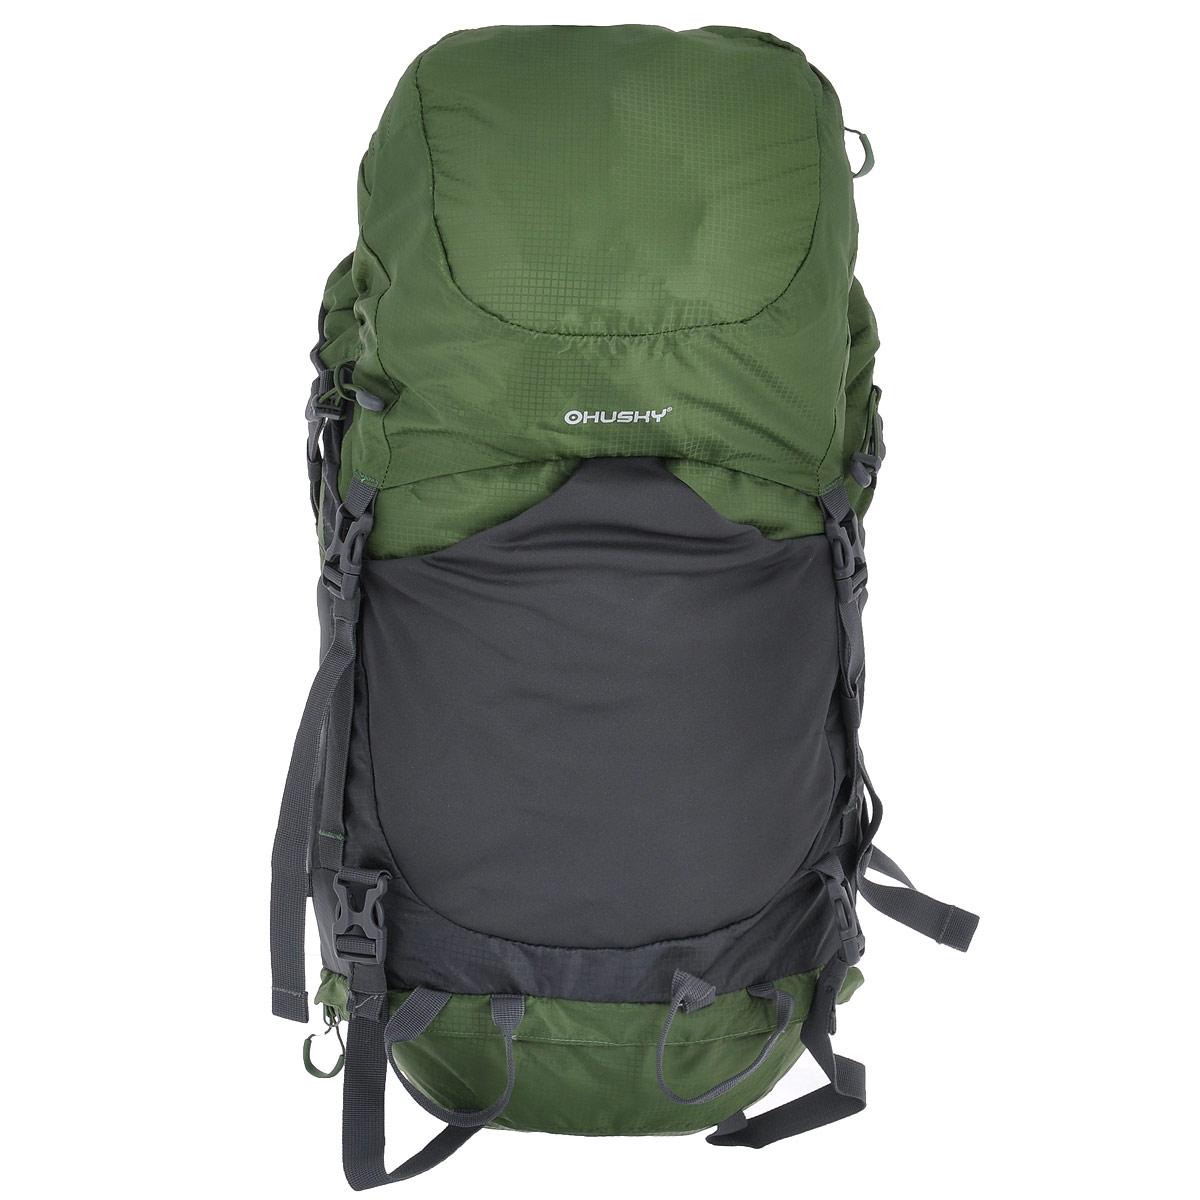 Рюкзак туристический Husky Menic, цвет: черный, серый, зеленый, 50 л30785Рюкзак Husky Menic - незаменимый атрибут туриста! Он выполнен из водонепроницаемого нейлона и оснащен светоотражательными элементами.С этим вместительным рюкзаком можно отправиться в любое путешествие. Его удобно носить за плечами благодаря широким лямкам, грудному ремню, ремню на поясе и жесткой спинке с дюралюминиевыми вставками и системой вентиляции спины ETS. Основное отделение имеет объем 50 л. Доступ к нему открывается сверху (закрывается затягивающимся шнурком, пластиковым карабином и капюшоном), снизу (замок на застежке-молнии и карабин) и сбоку (застежка-молния). Внутри главного отделения находится глубокий карман на застежке-молнии для гидратора.Сверху у рюкзака находится 1 карман на застежке-молнии (на капюшоне) с 2 сетчатыми карманами внутри. Капюшон соединяется с нижней частью рюкзака при помощи 2 пластиковых карабинов.На лицевой стороне расположен эластичный карман на резинке. По бокам рюкзака расположены 2 кармана на резинке. Также есть карман на застежке-молнии на поясе.На дне рюкзака находится карман с накидкой от дождя.Рюкзак Husky Menic - превосходный выбор для путешествия с комфортом. Вес: 1,68 кг.